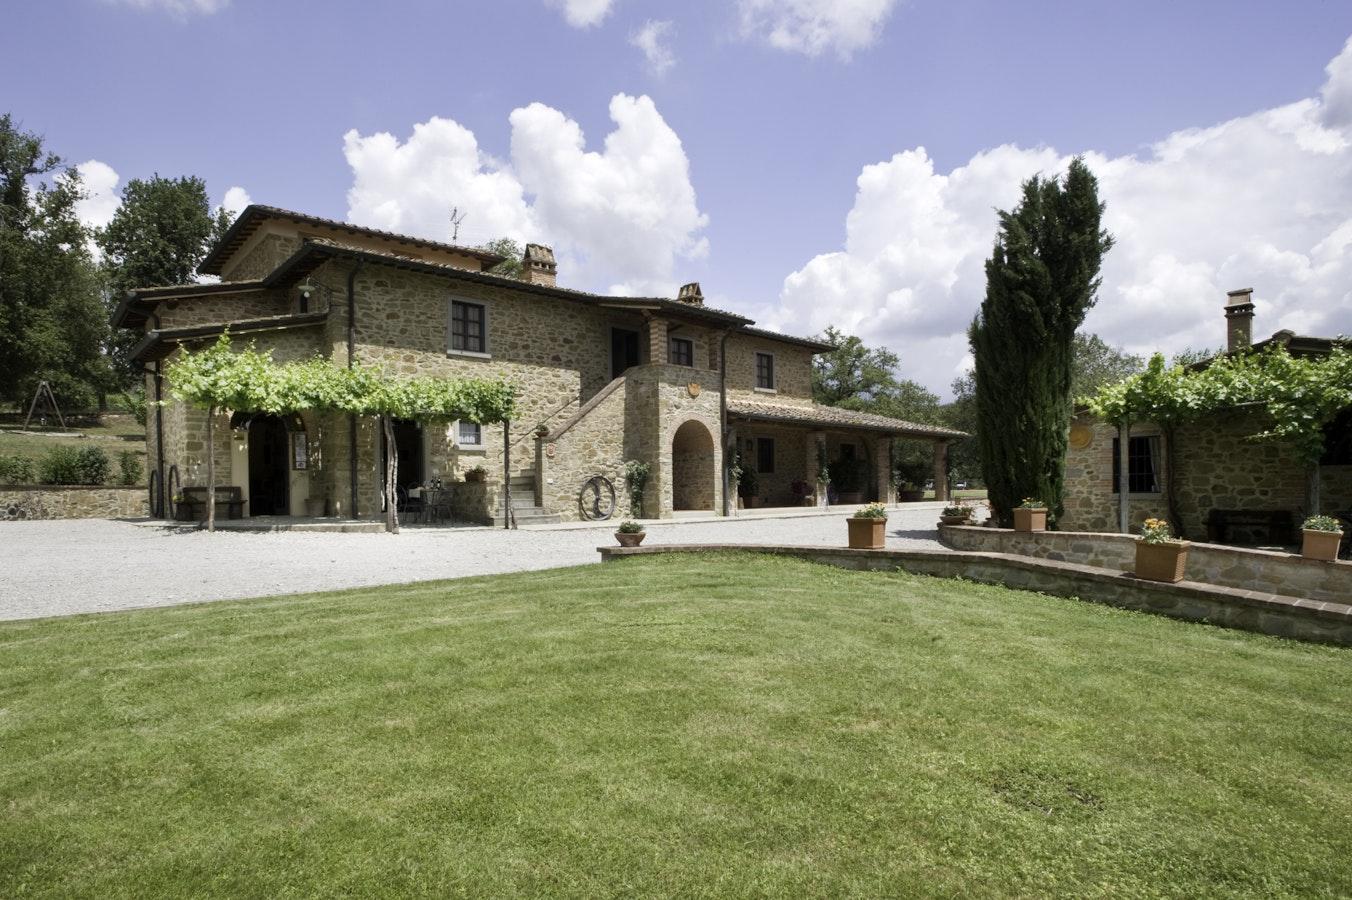 Incrociata farmhouse bucine farm holiday with apartments for Toscana house